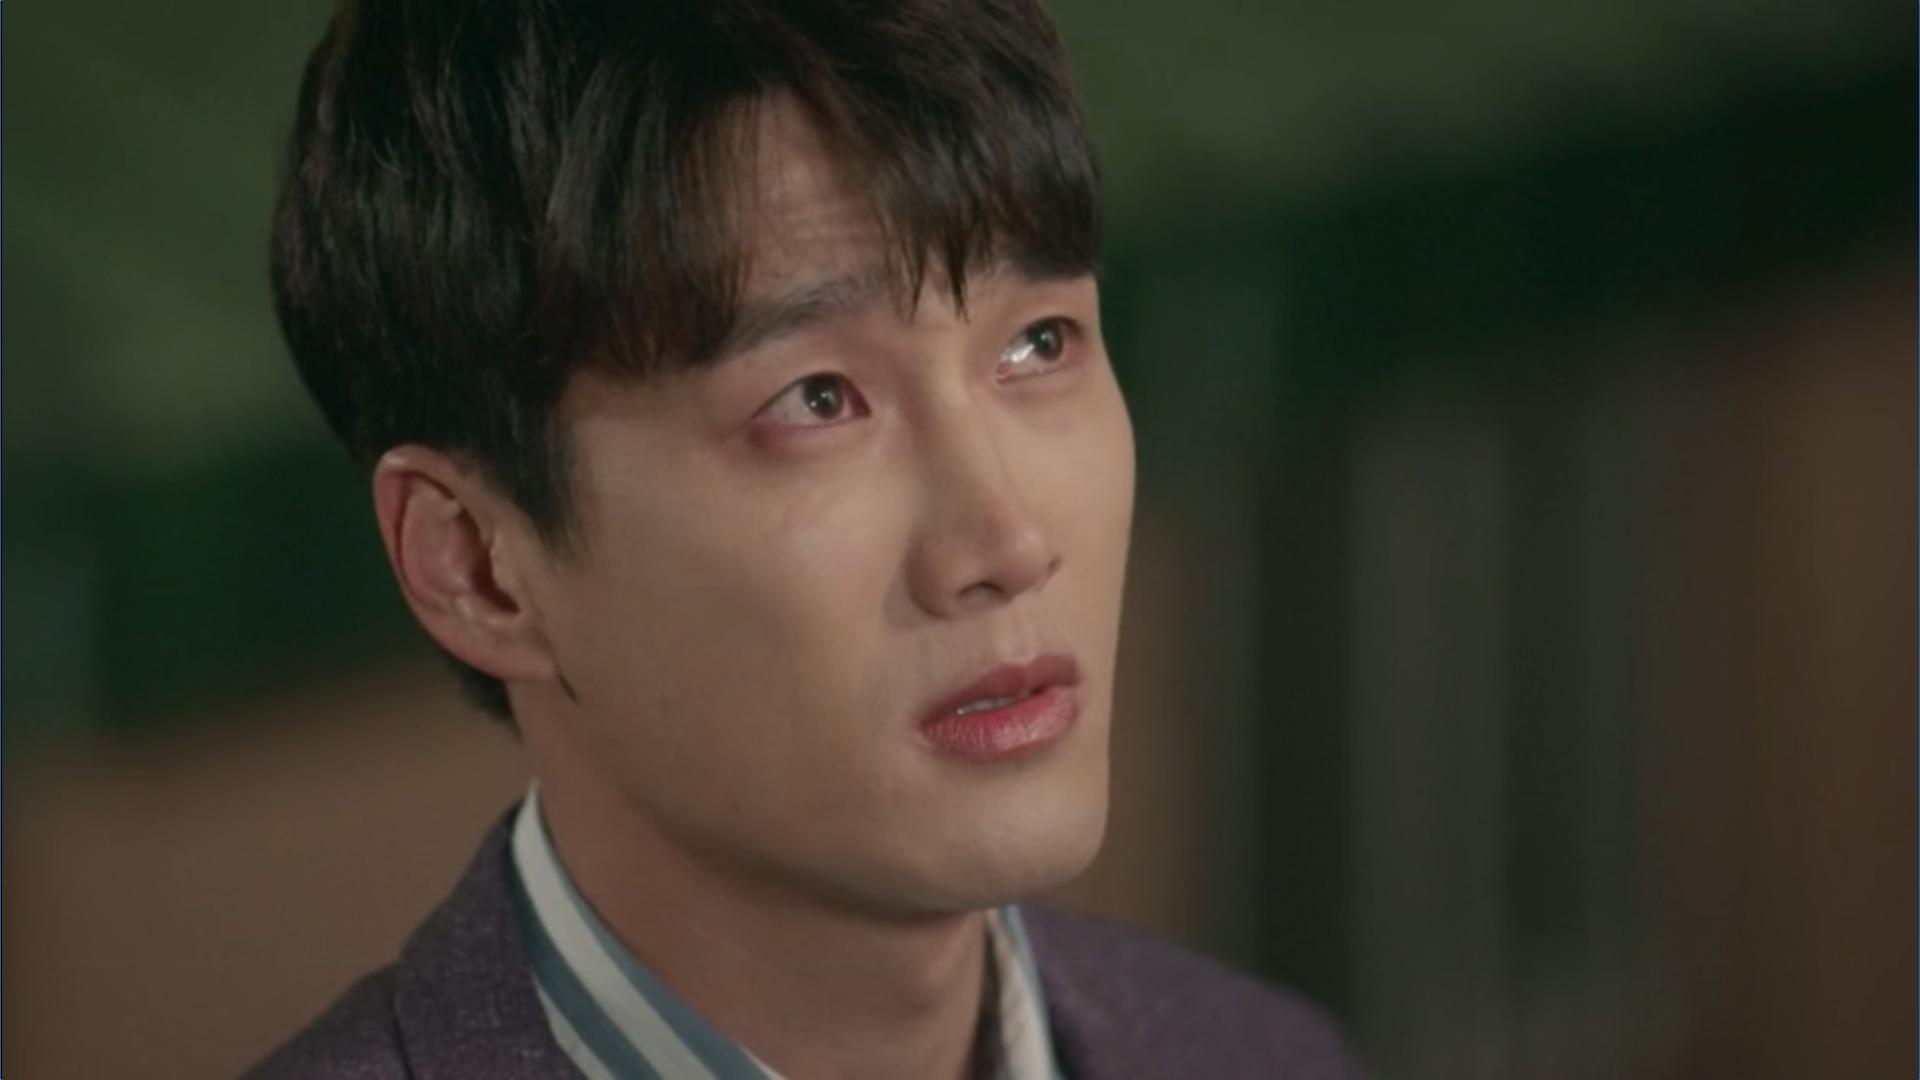 Wednesday 3:30 PM Baek Seung-gyu